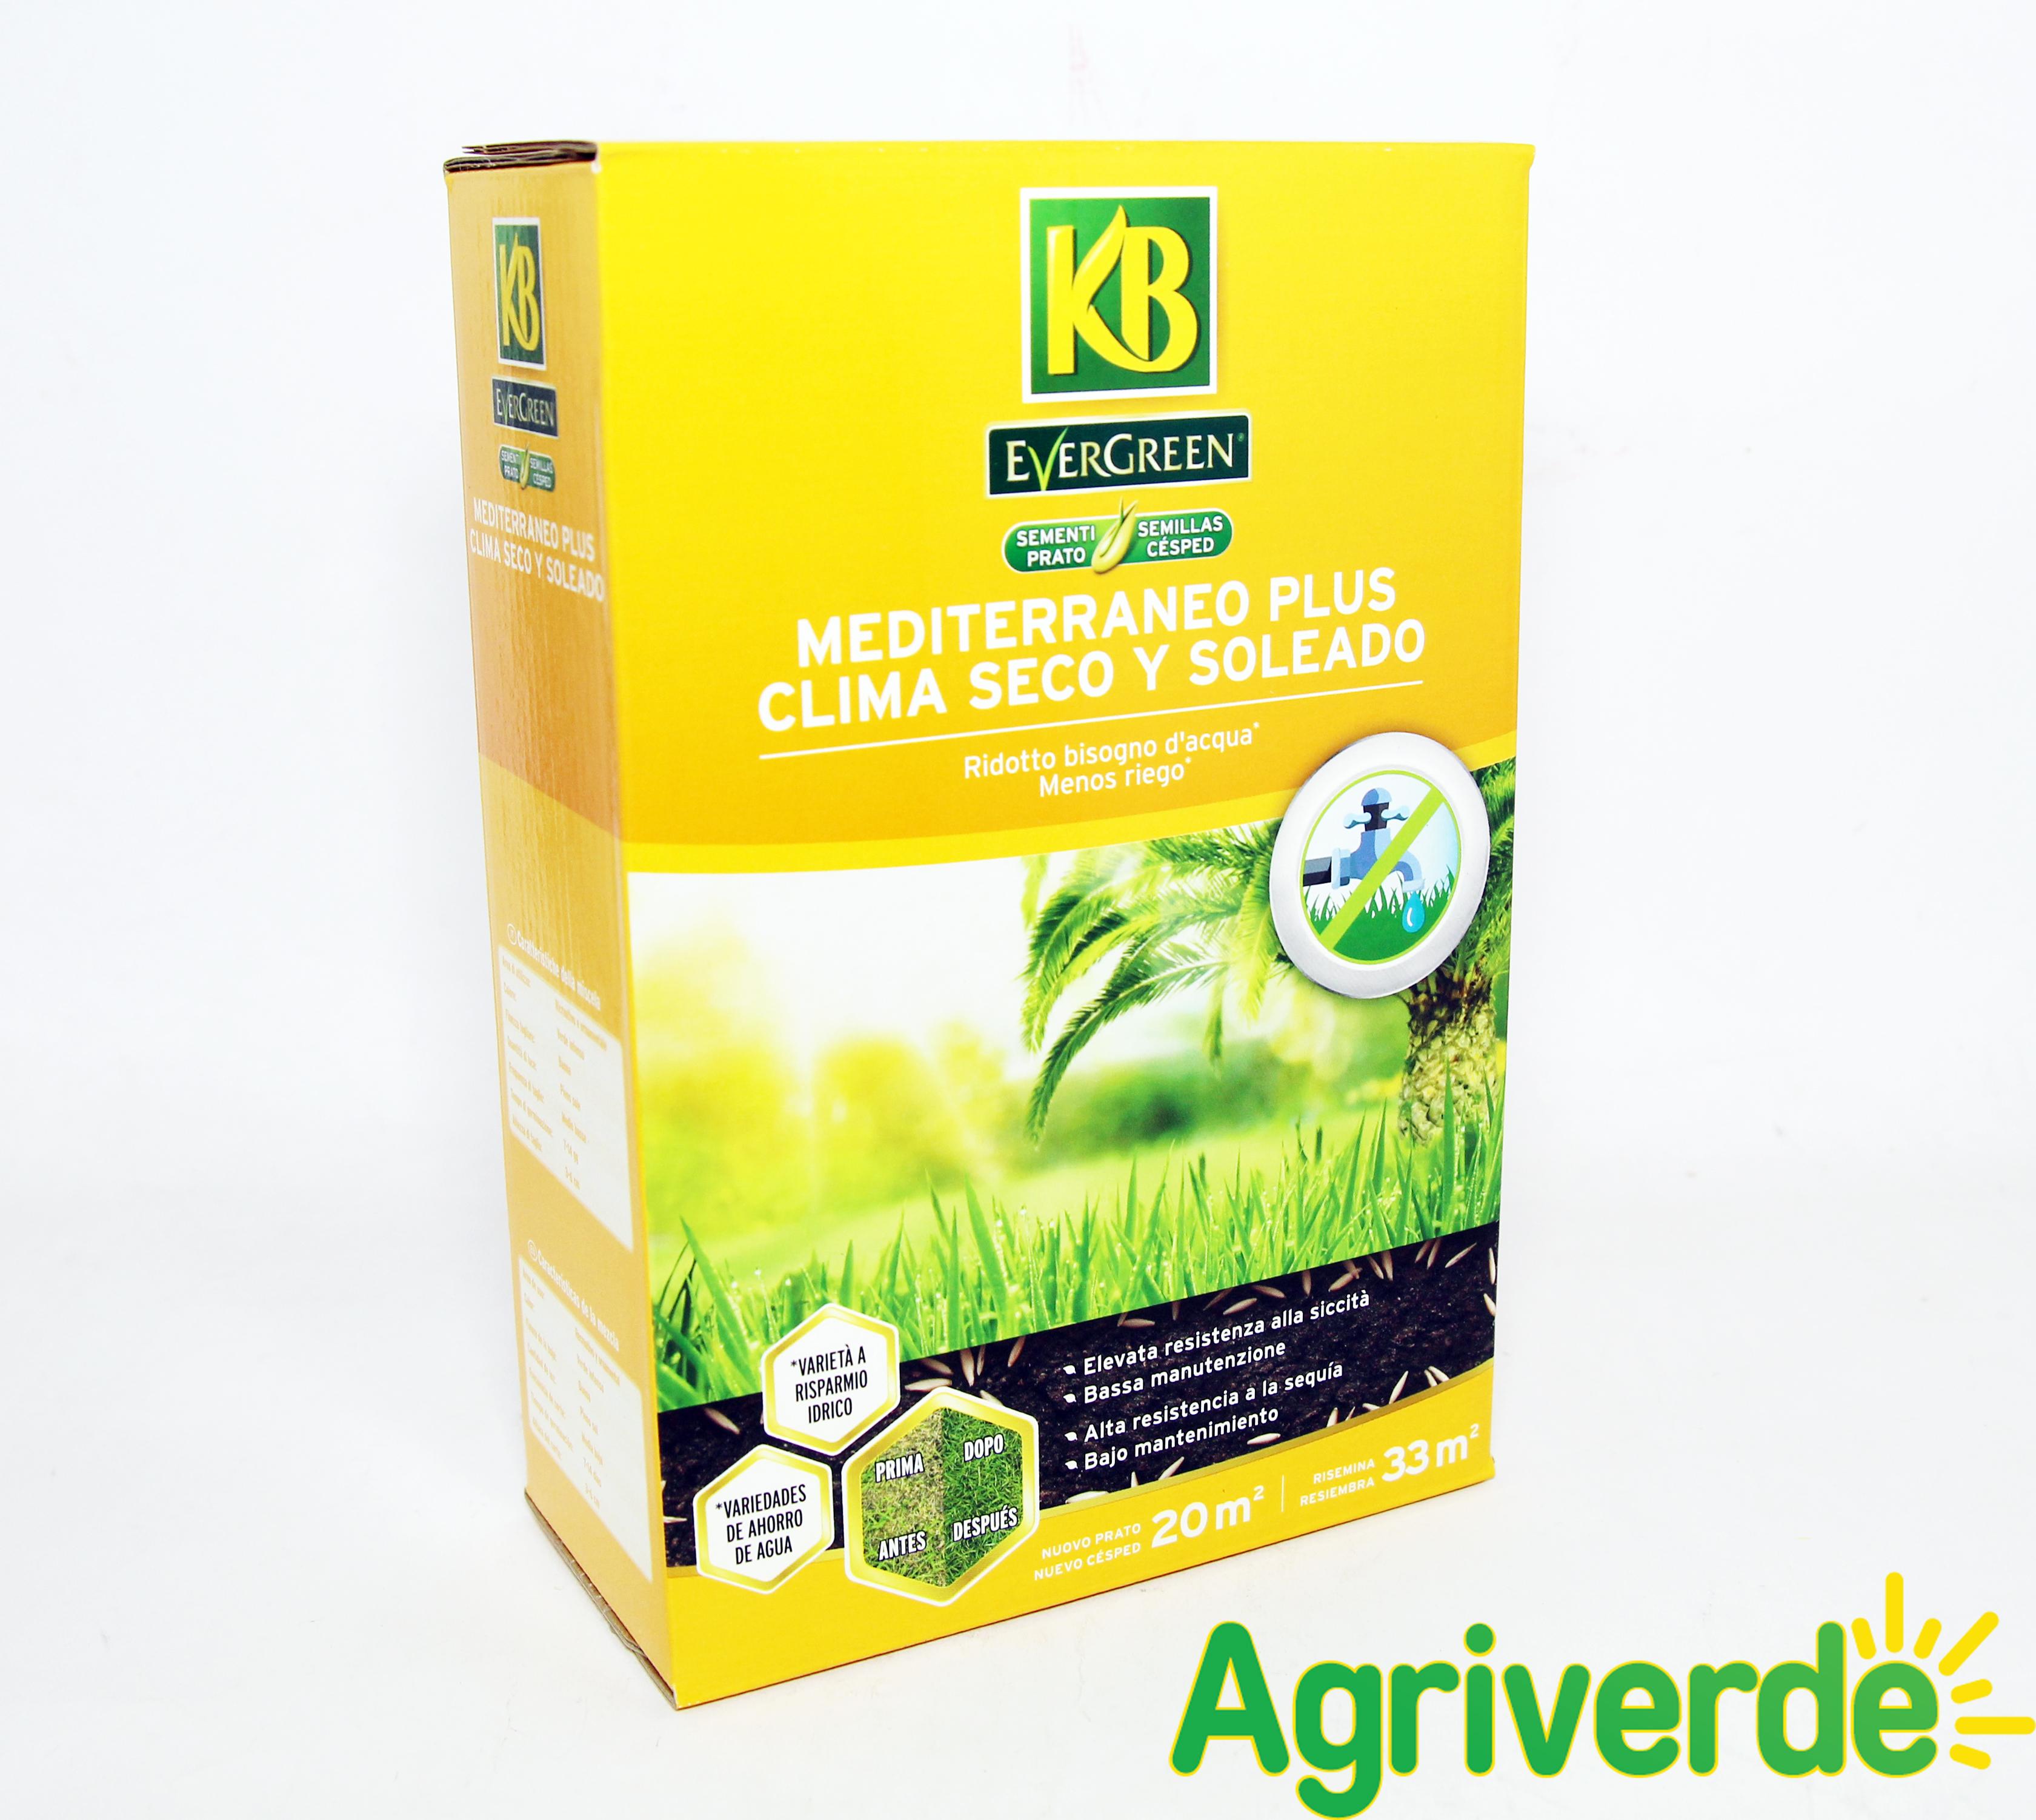 Manutenzione Prato Di Gramignone dettagli su semi prato evergreen mediterraneo plus ridotto bisogno d'acqua  500gr x 20m2 - kb